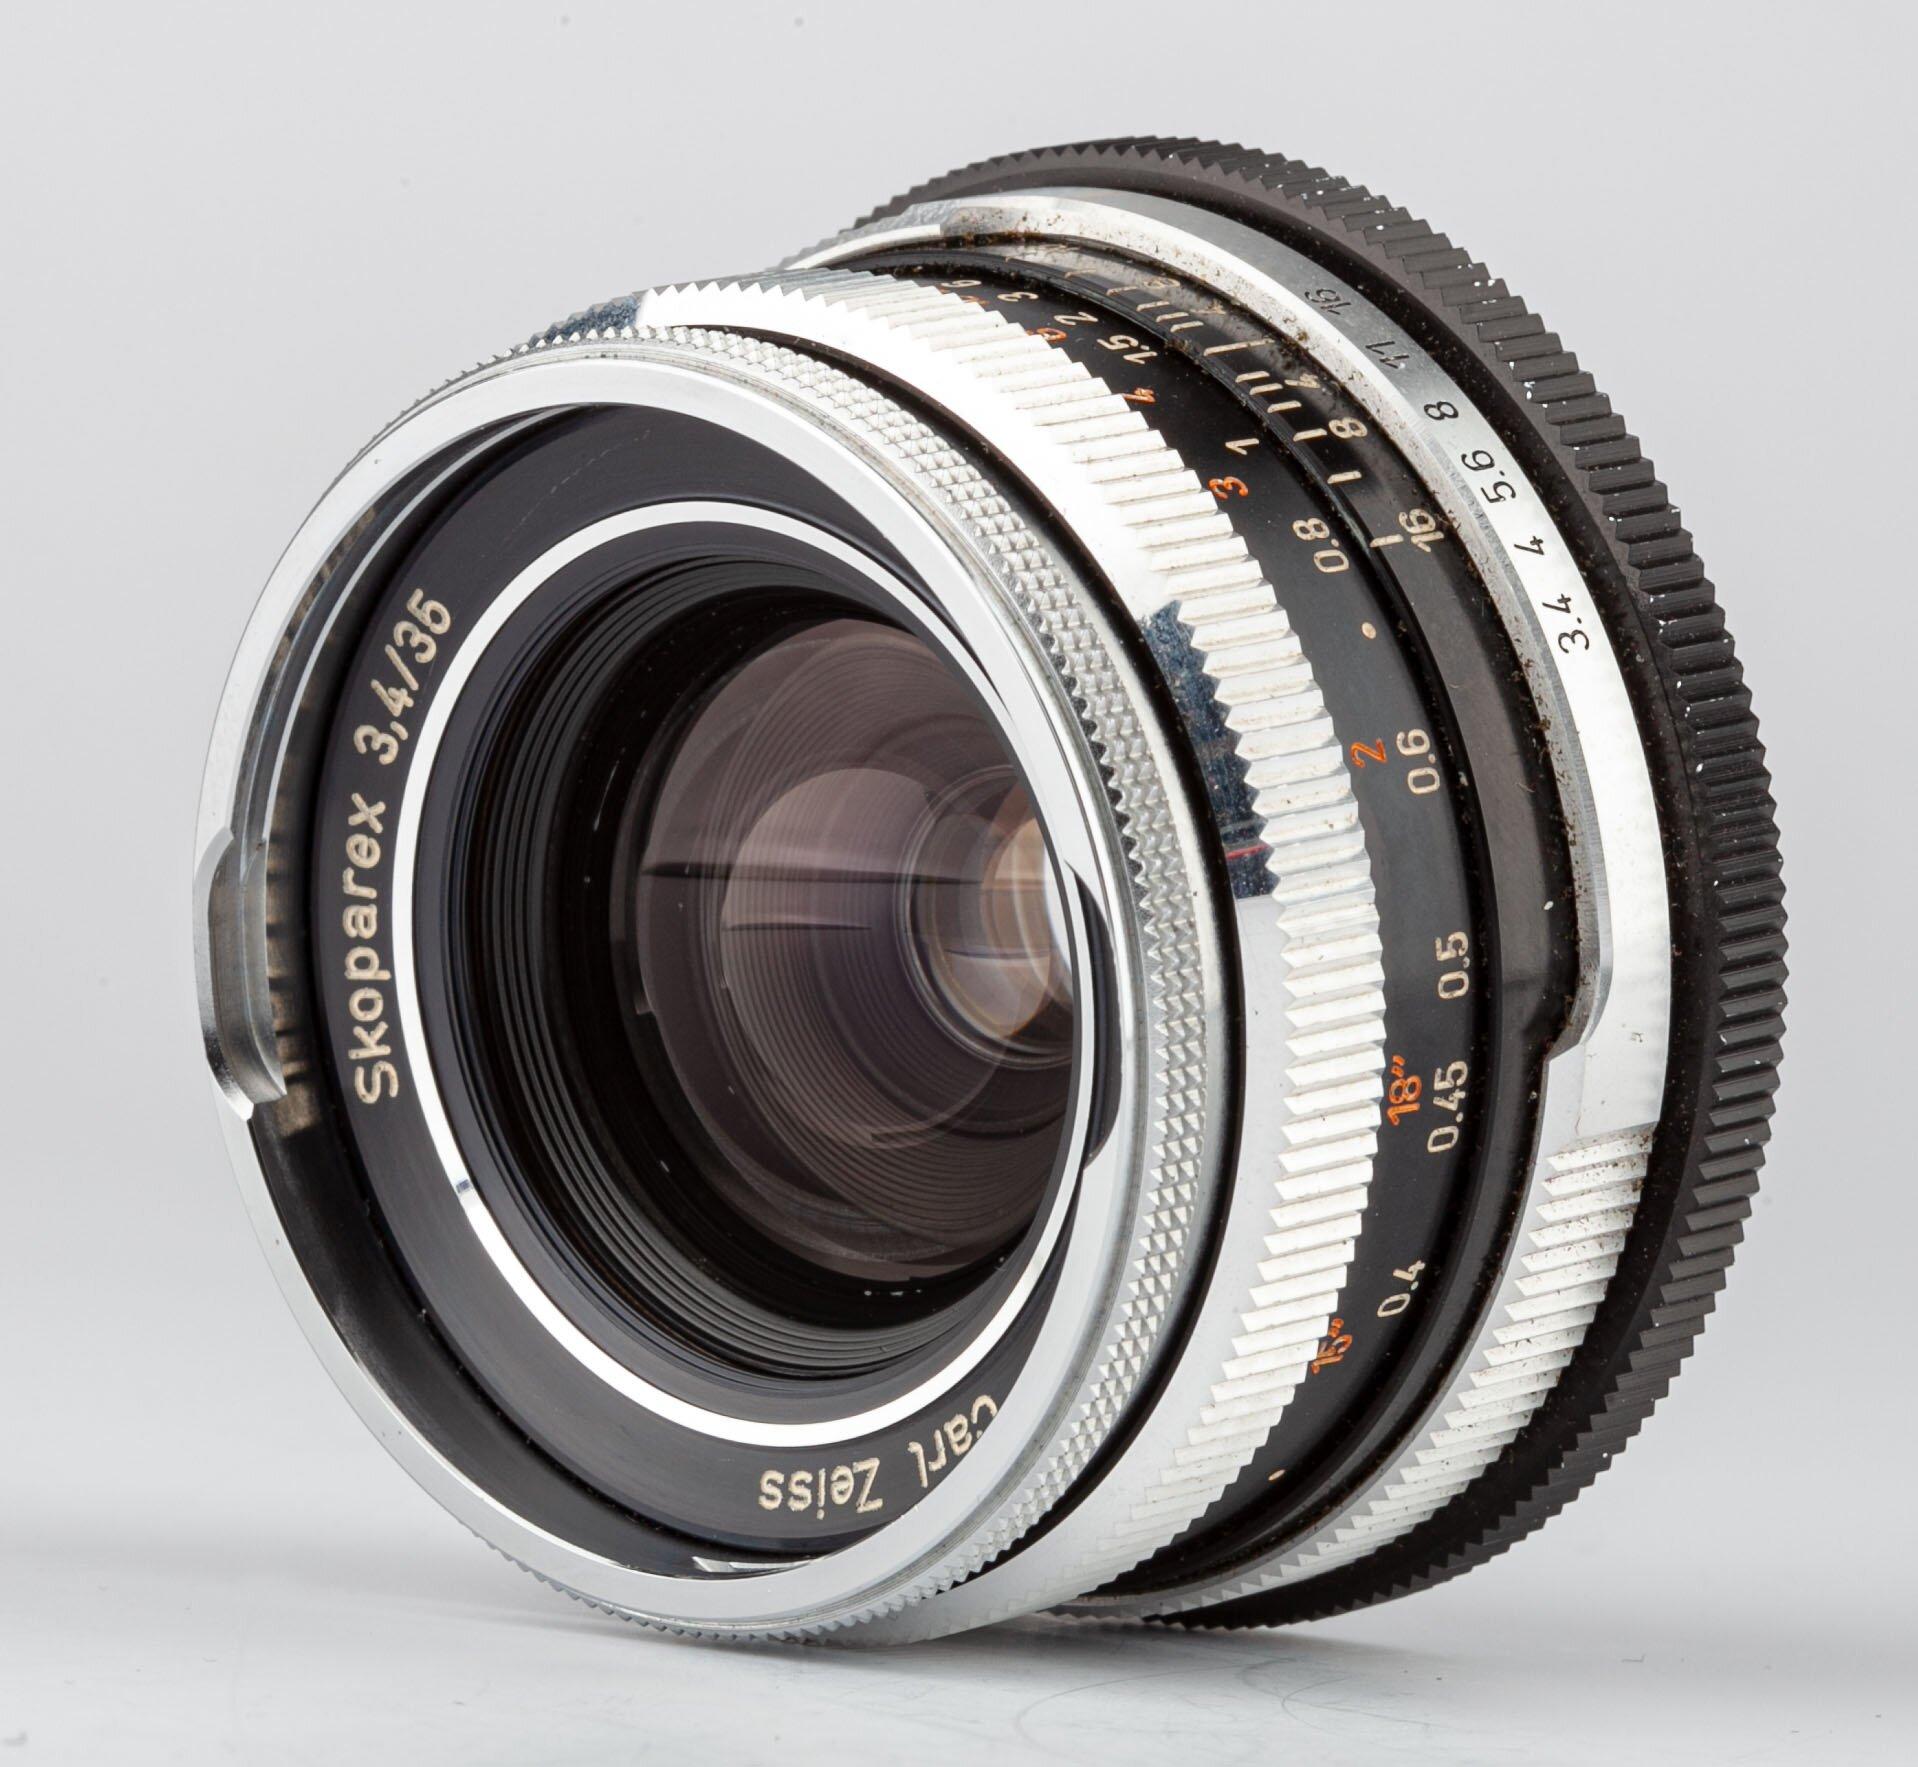 Carl Zeiss Skoparex 3,4/35mmn BM f. Icarex